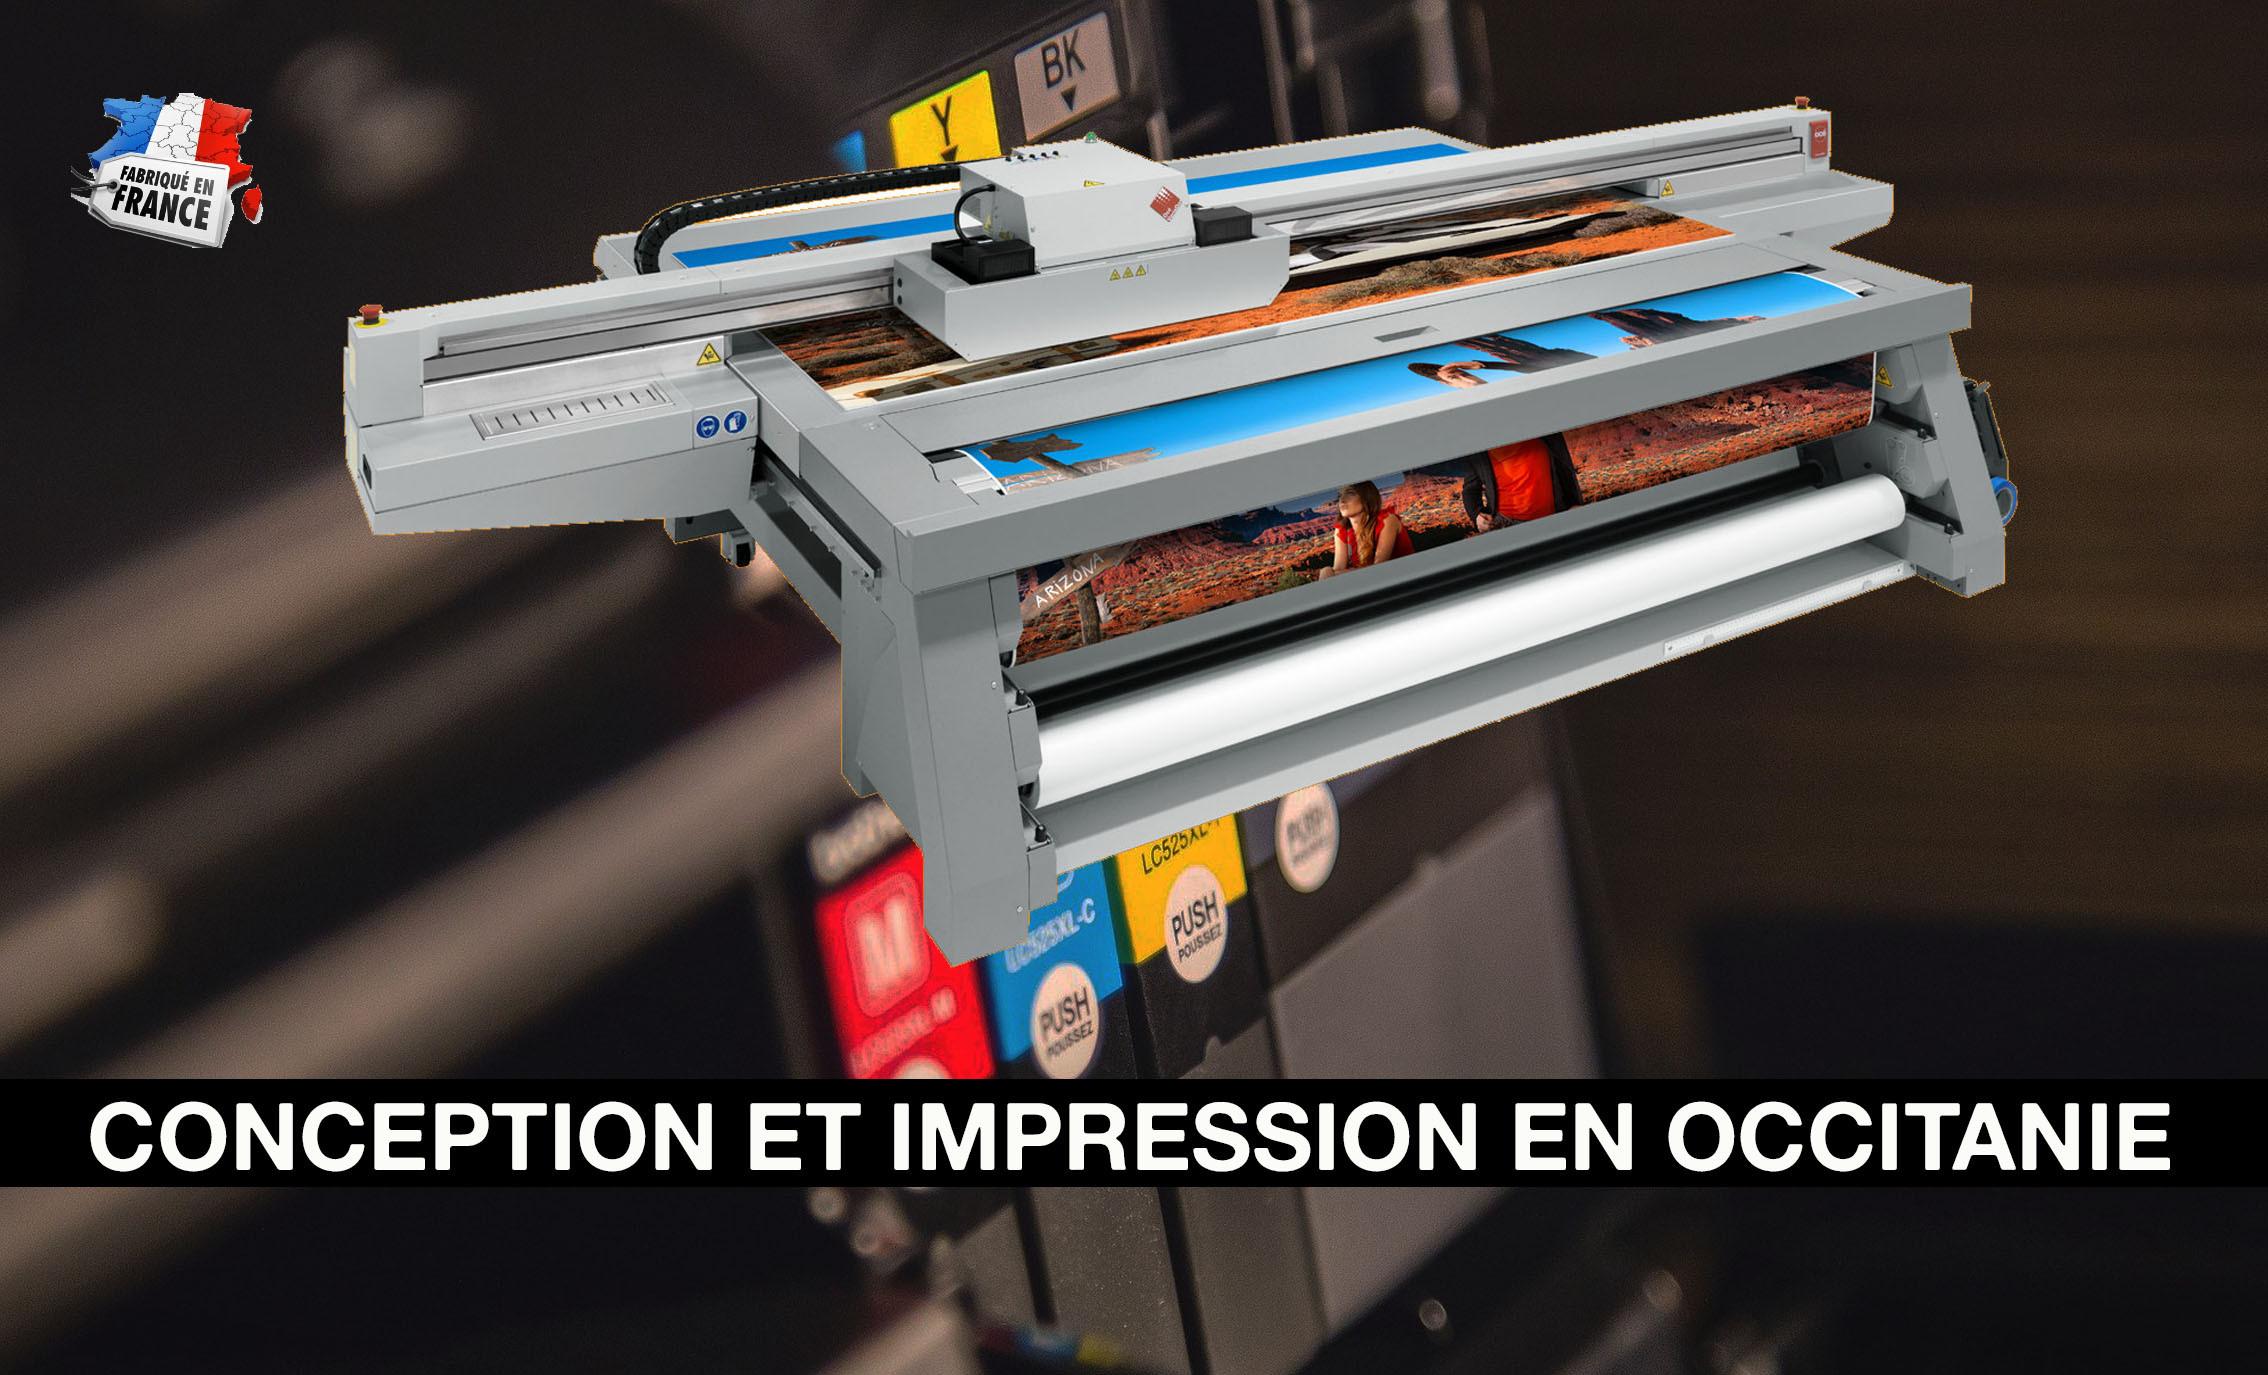 Impression et conception dans nos ateliers d'Occitanie